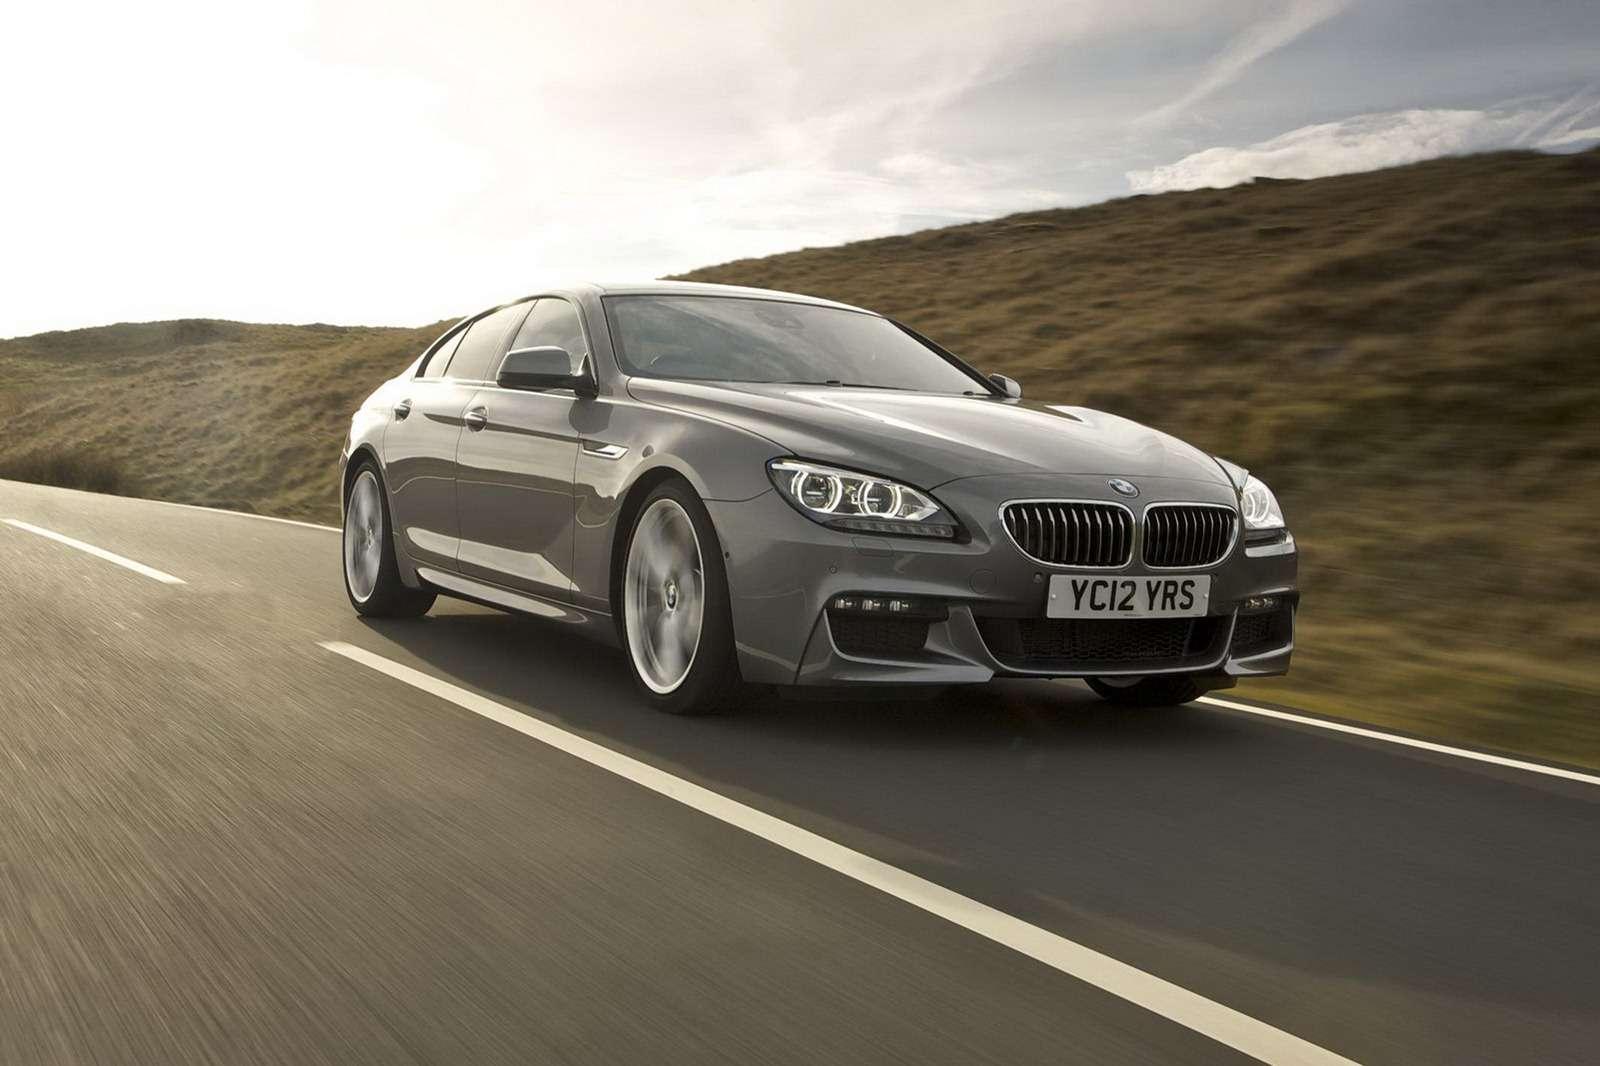 BMW serii 6 Gran Coupe zdjęcia